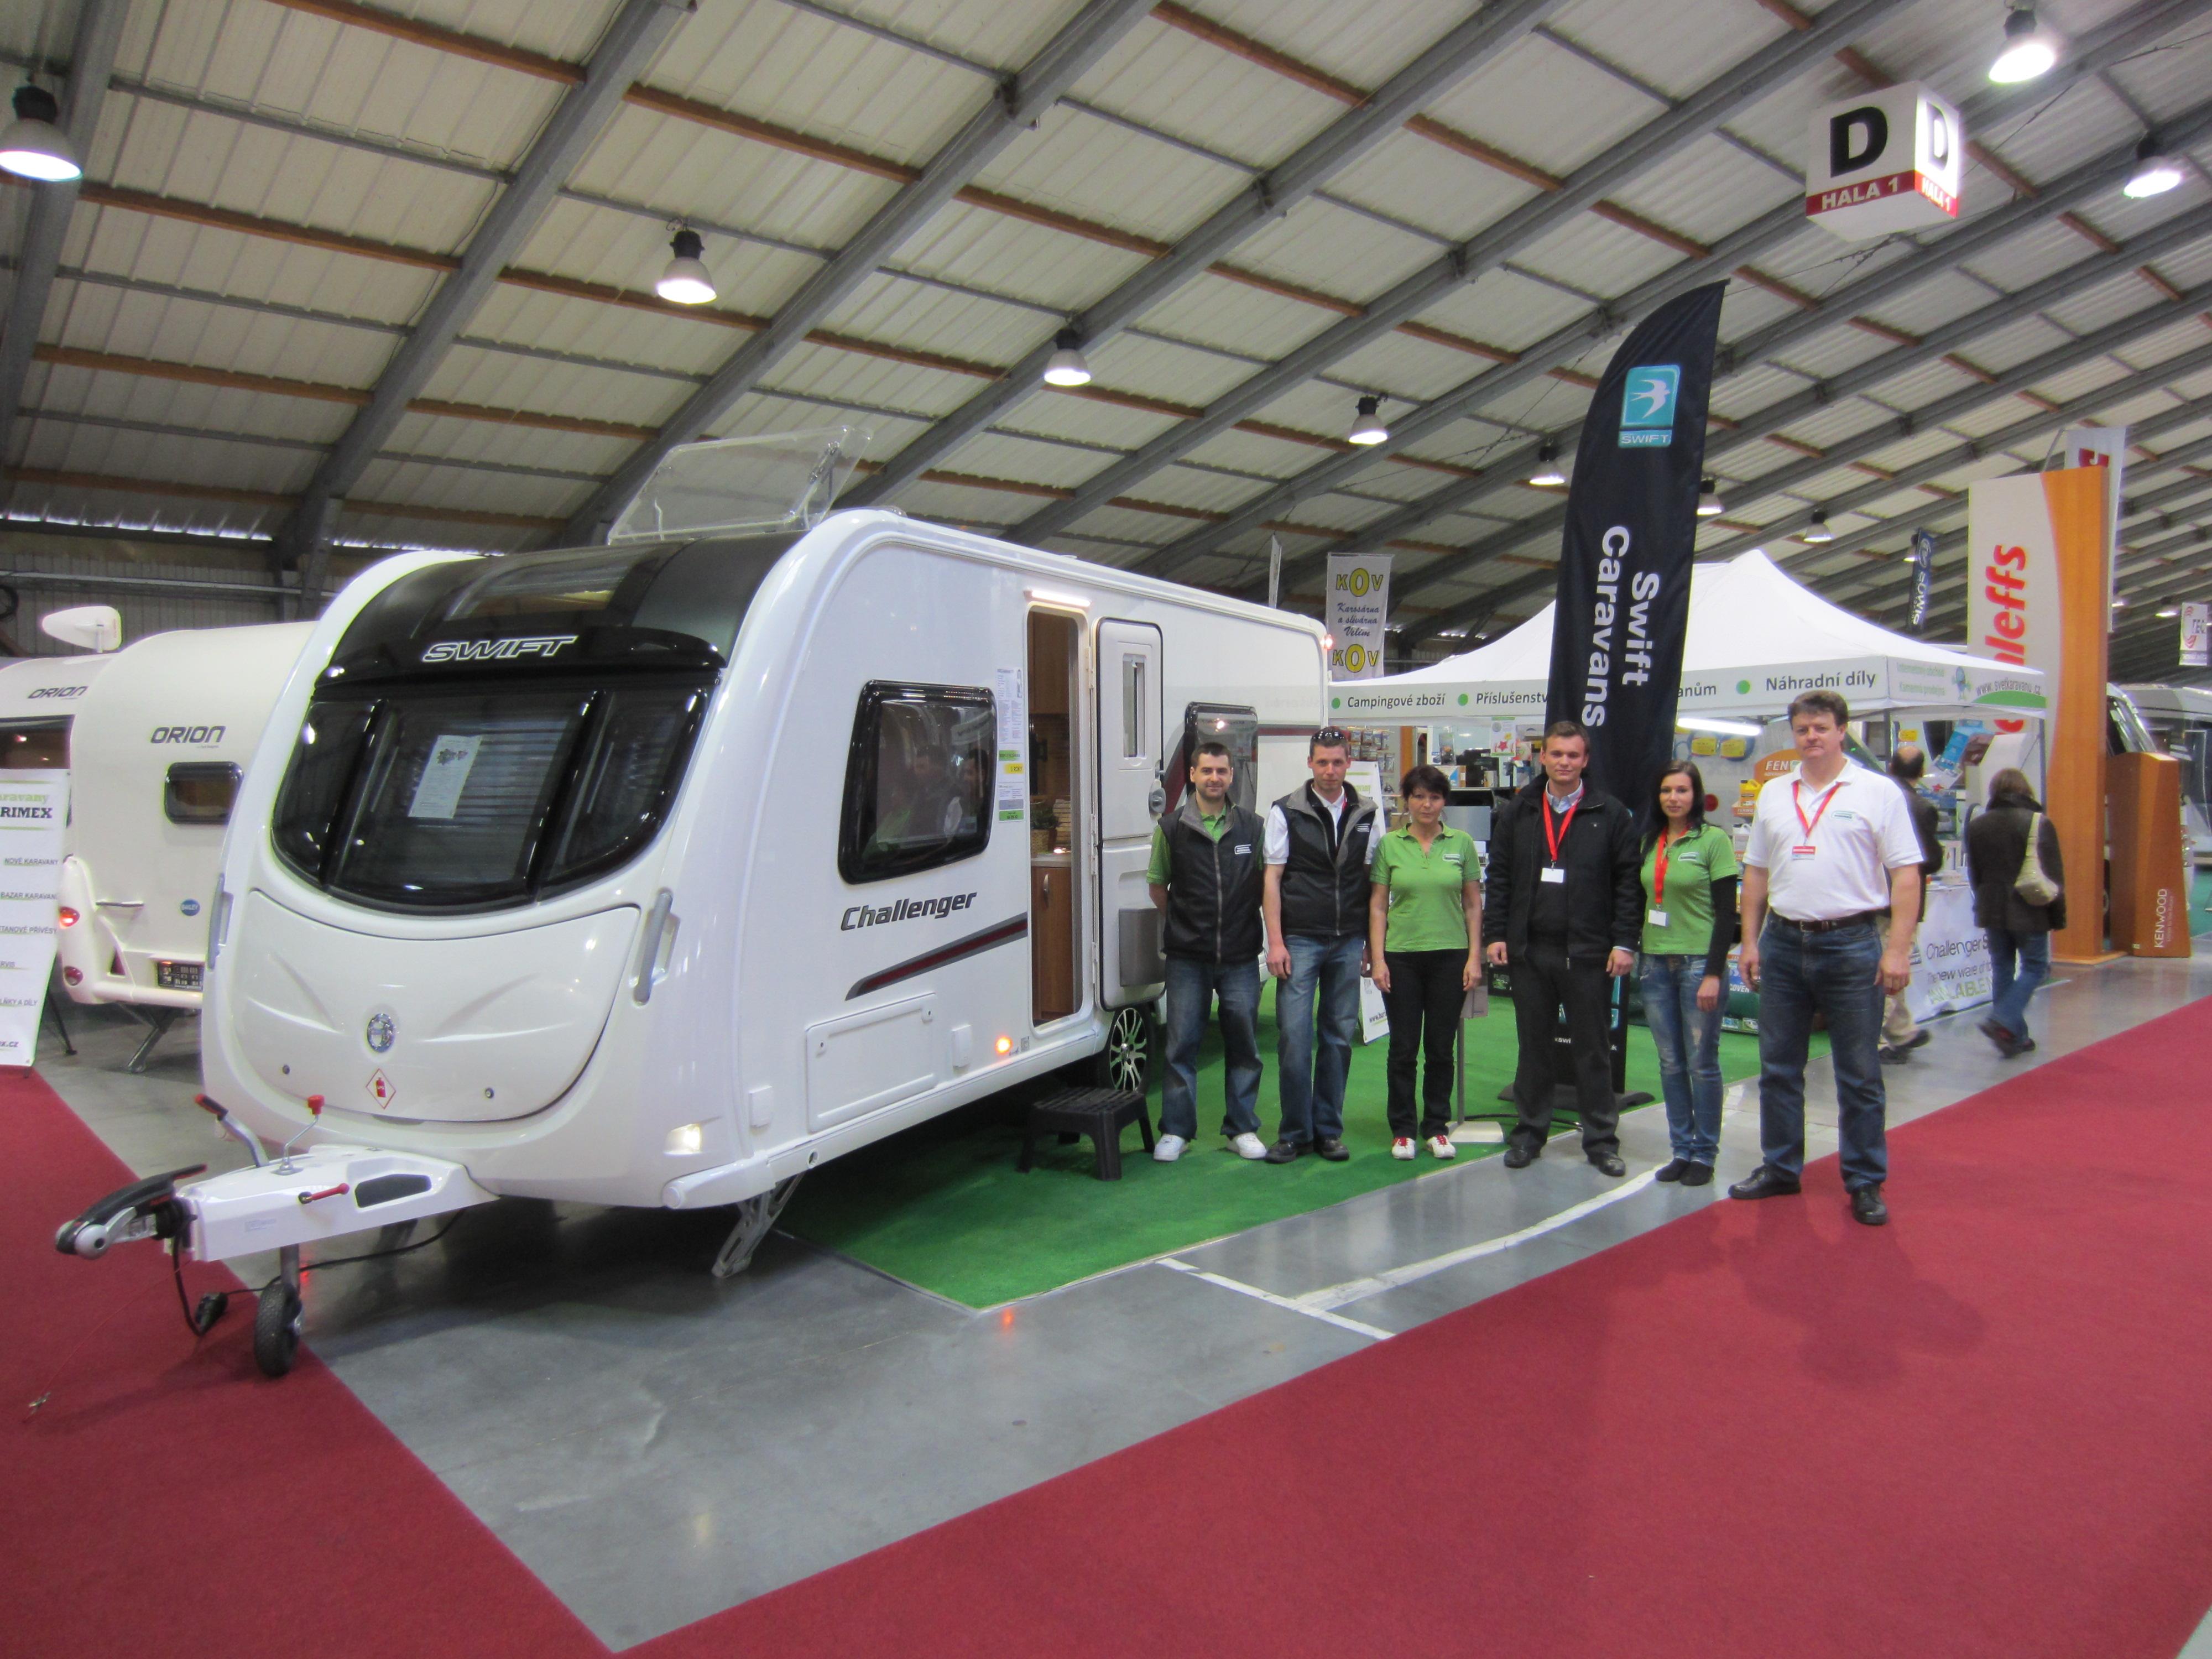 Výstava karavanů Brno 2013 – Caravaning Brno  2013